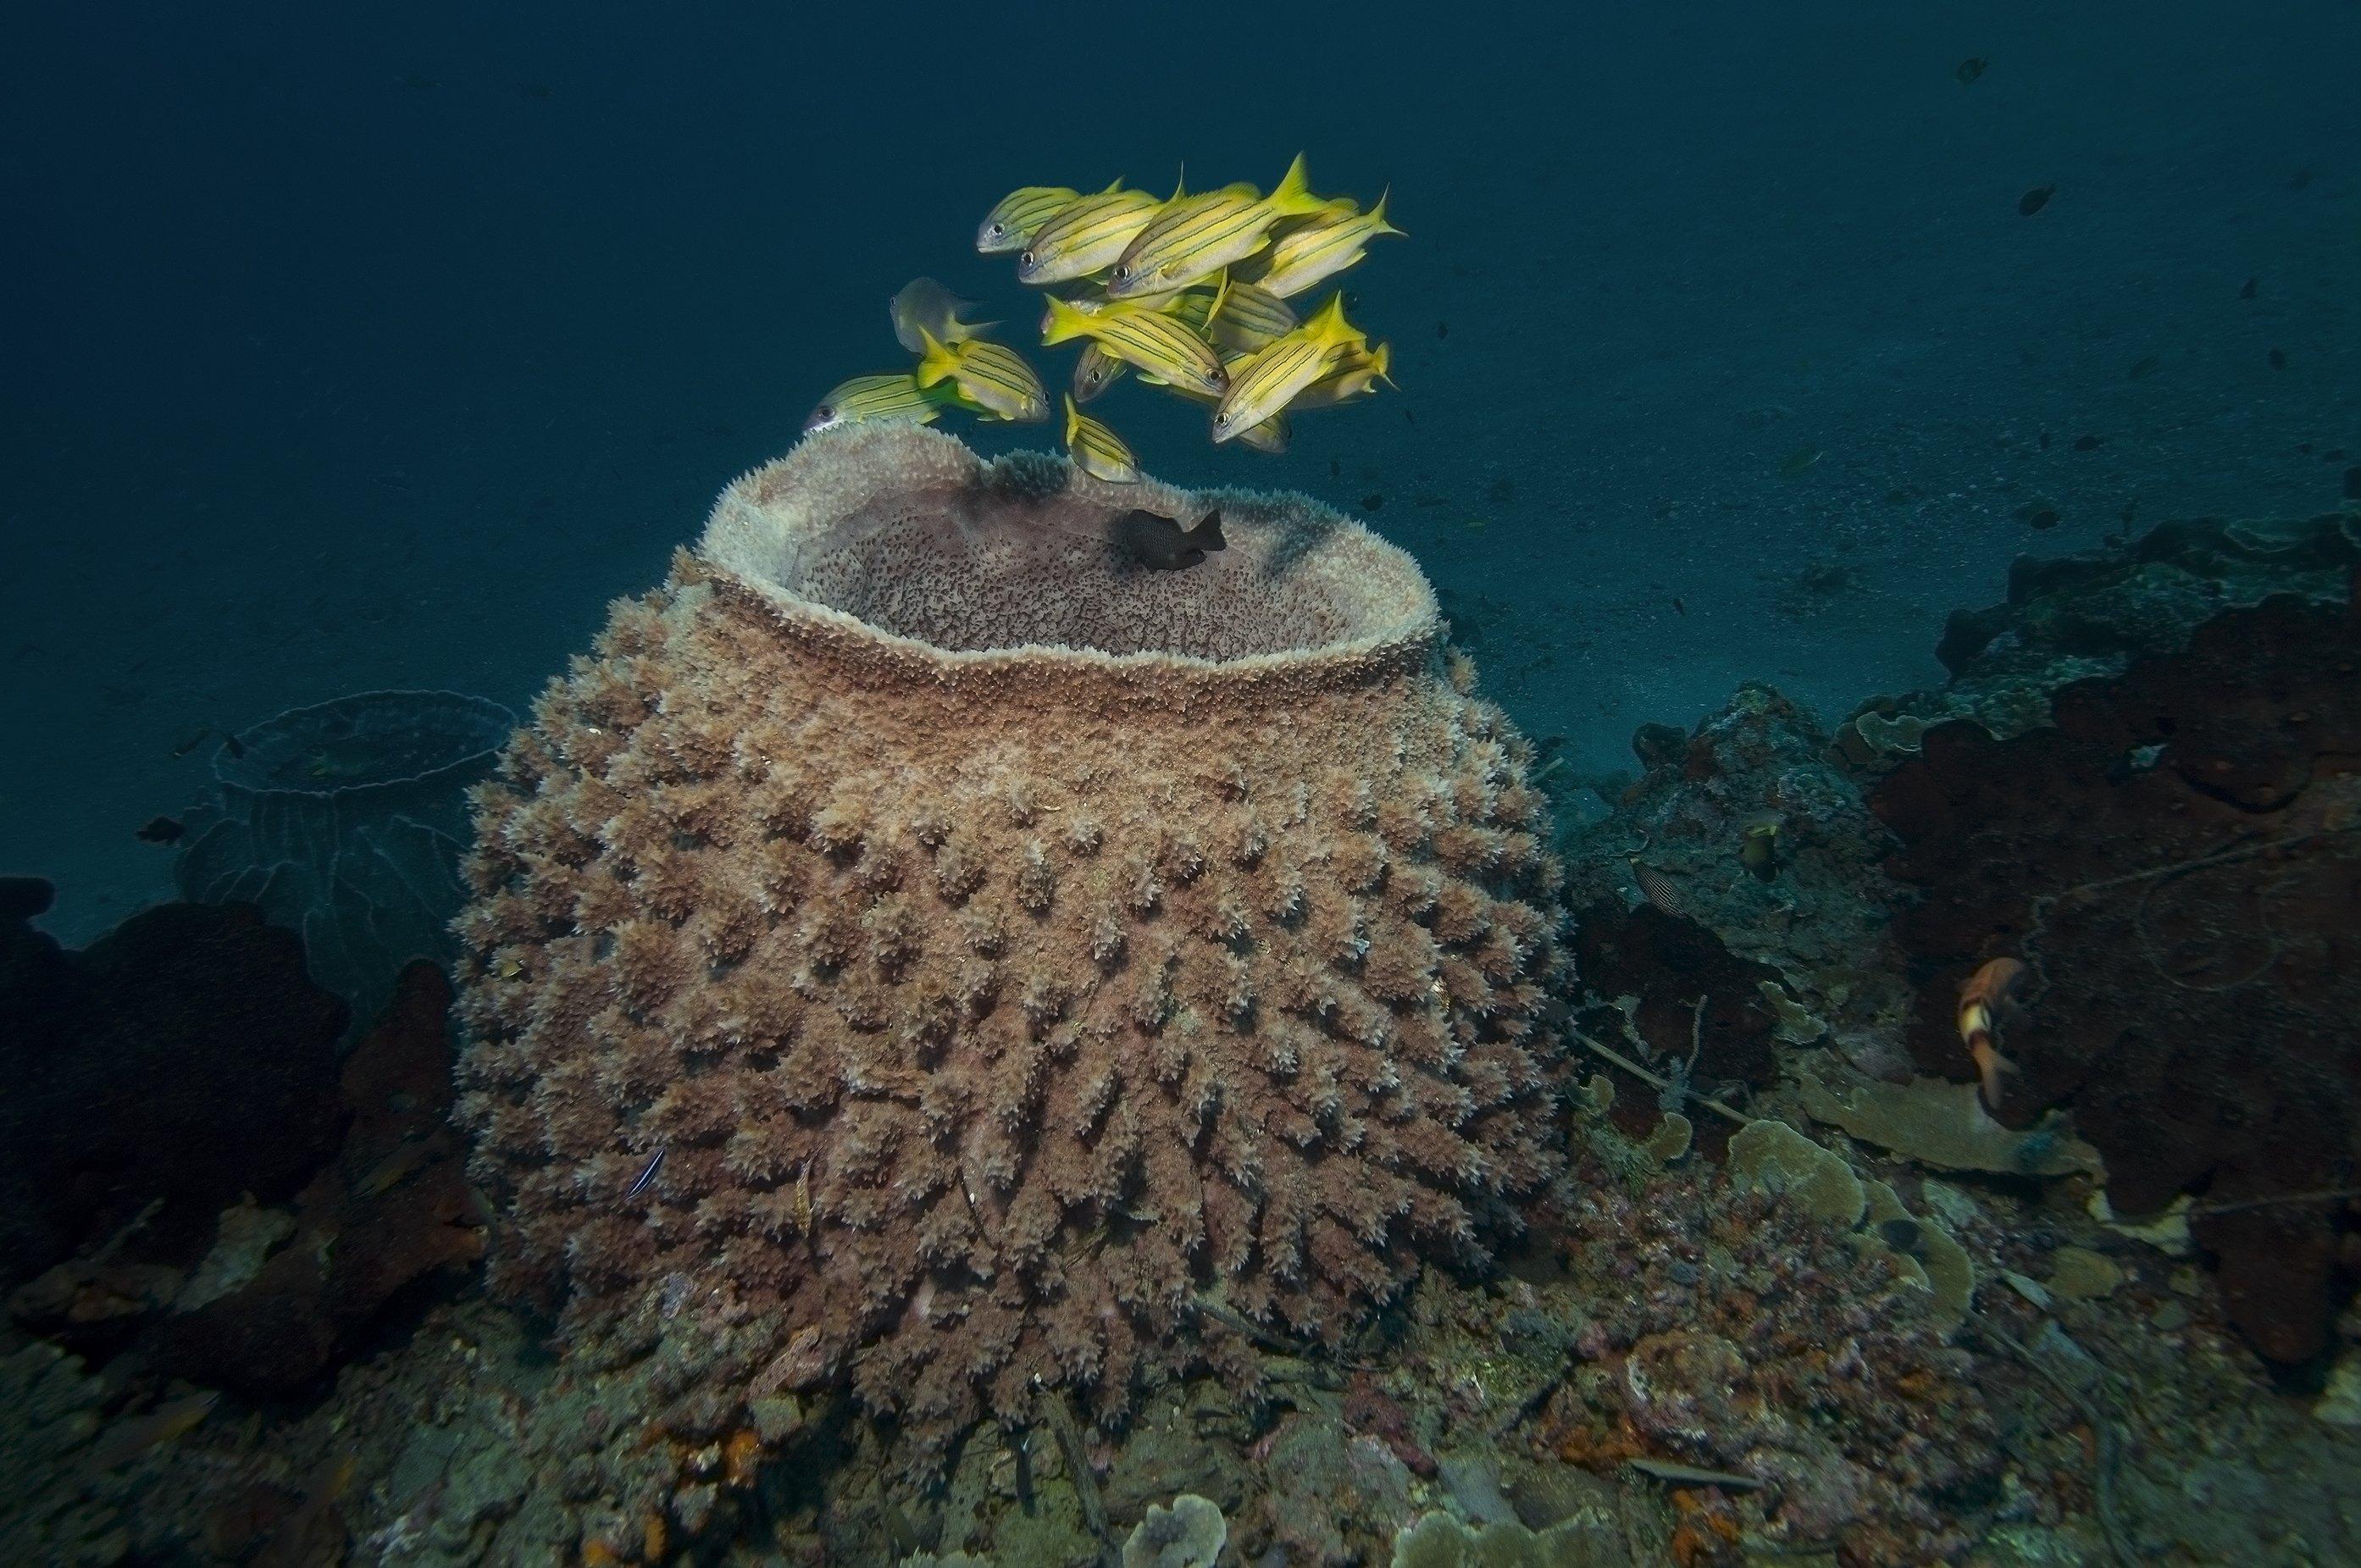 дайвинг, дайвер, рыбы, рыба, стая, океан, индонезия, подводный, синий, Дмитрий